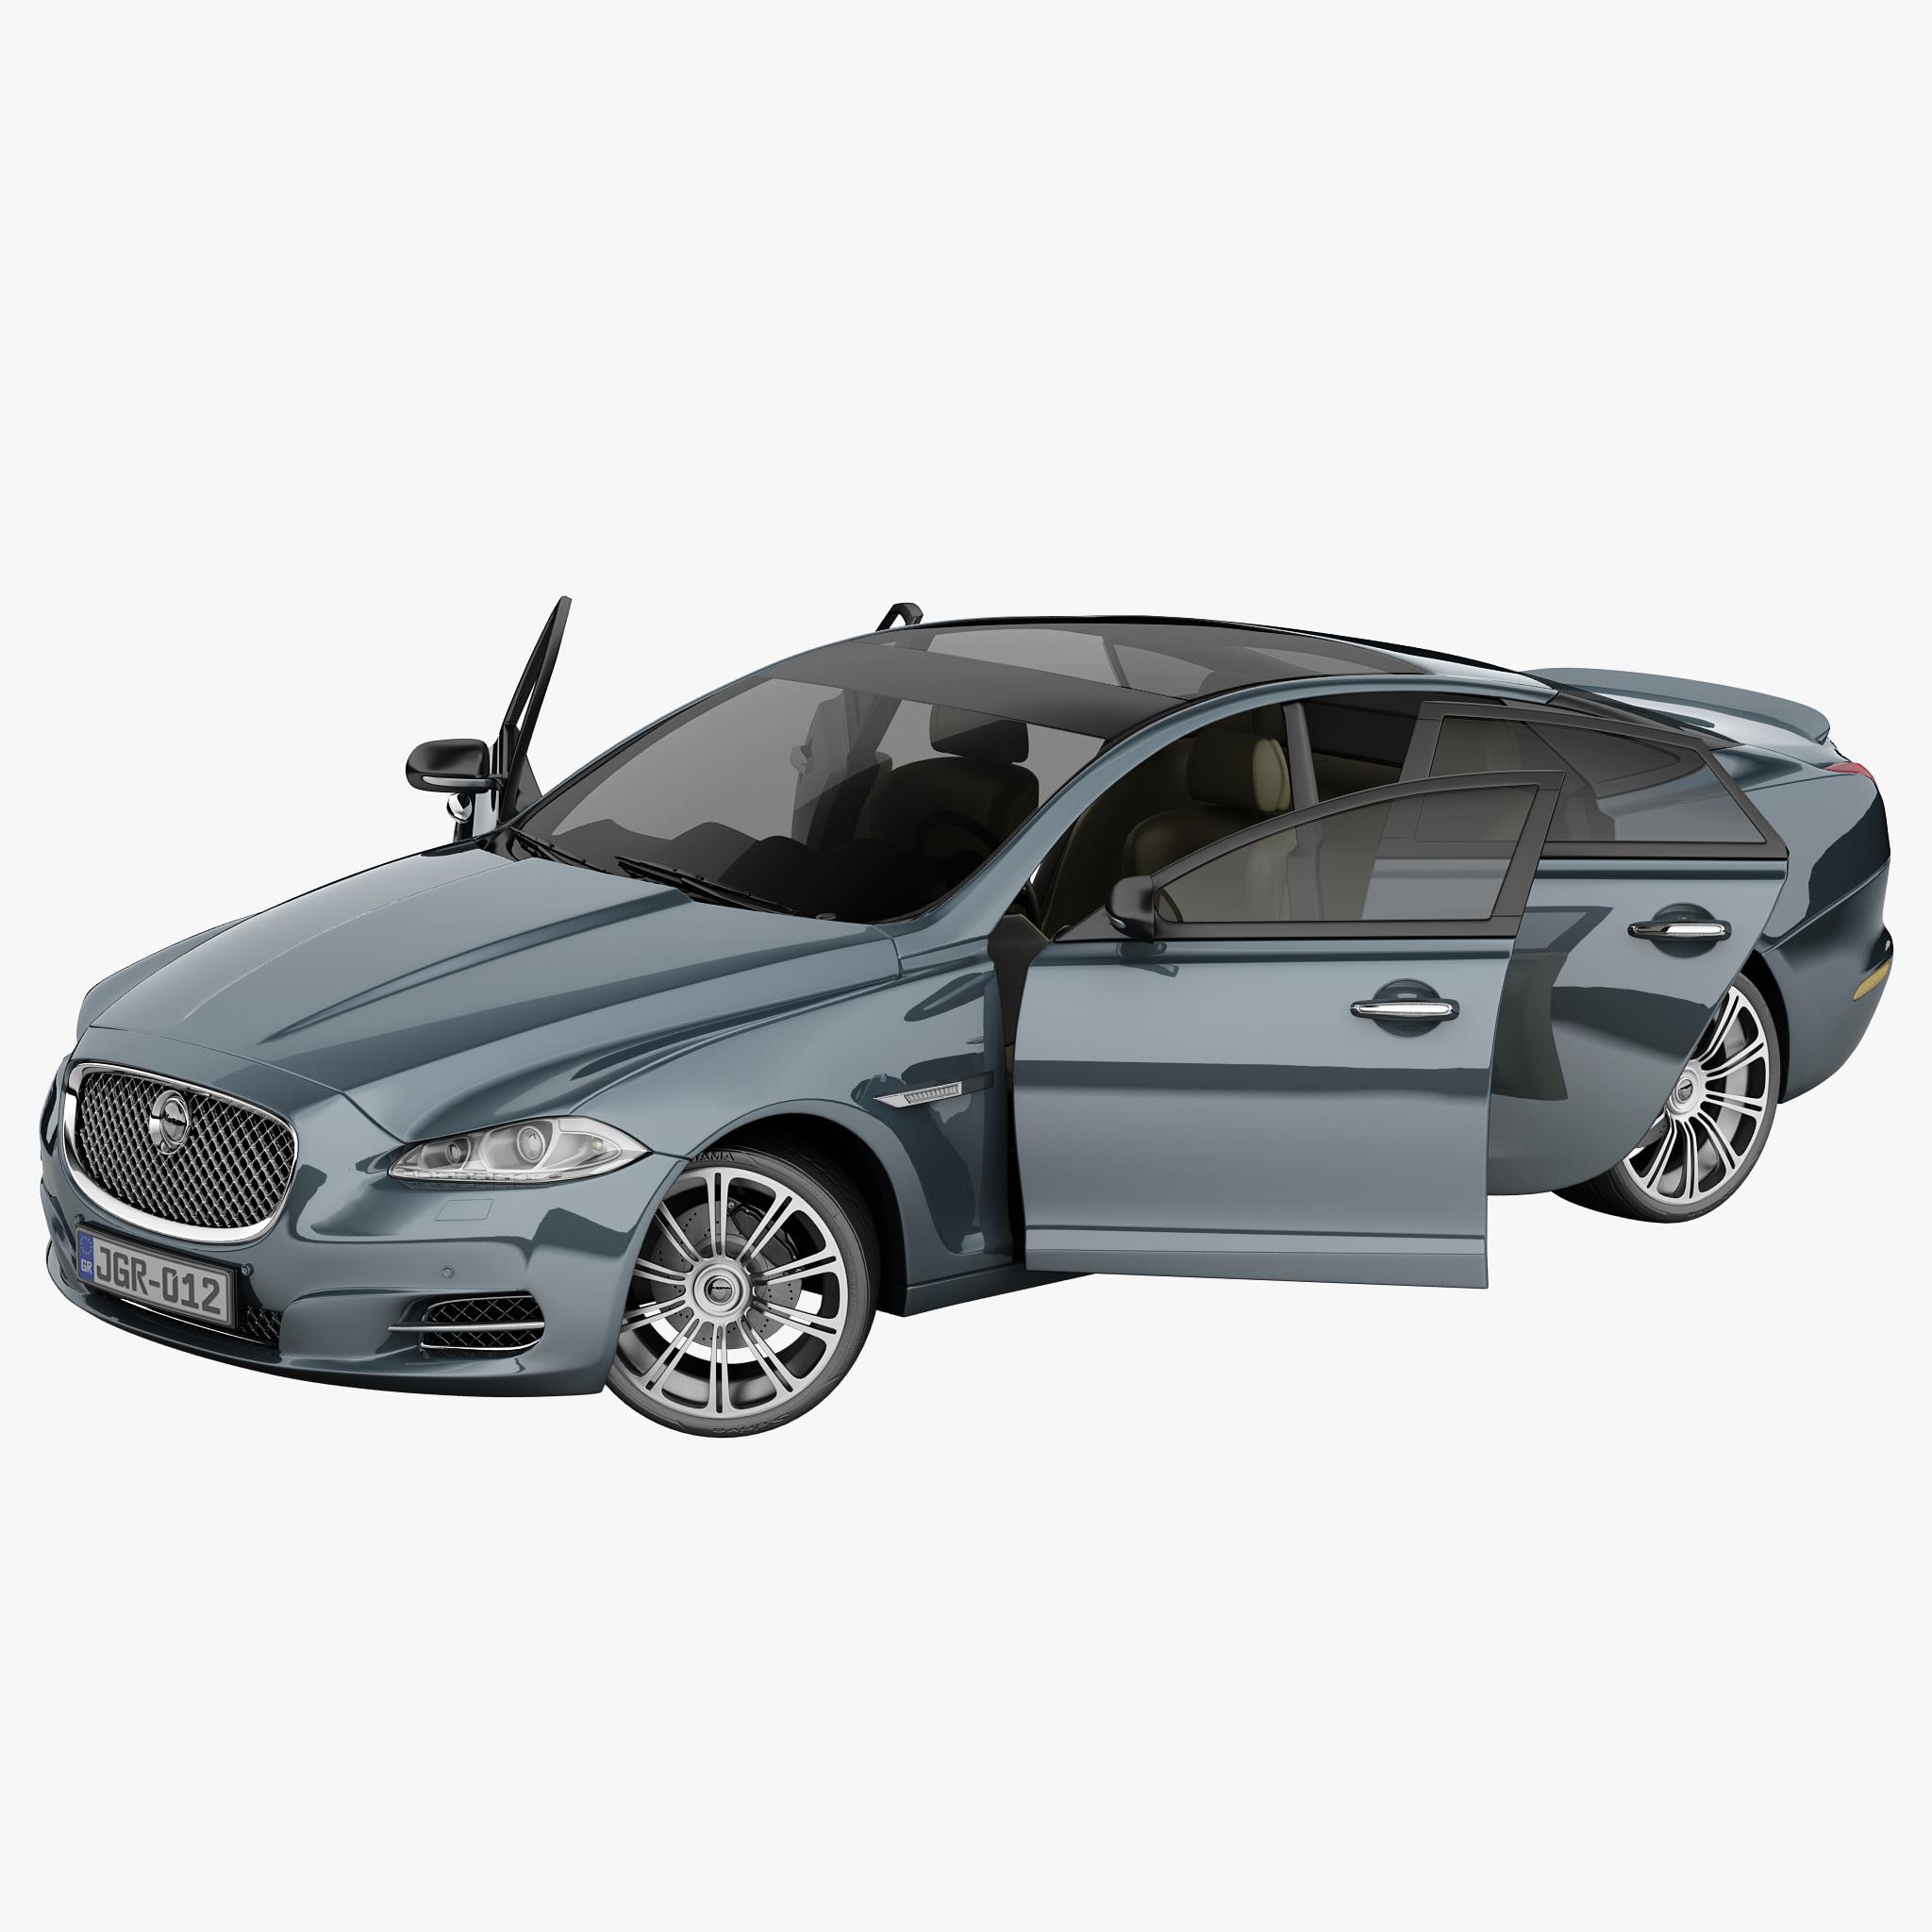 Jaguar Xj Lease: Xj Rigged Car 3d Model